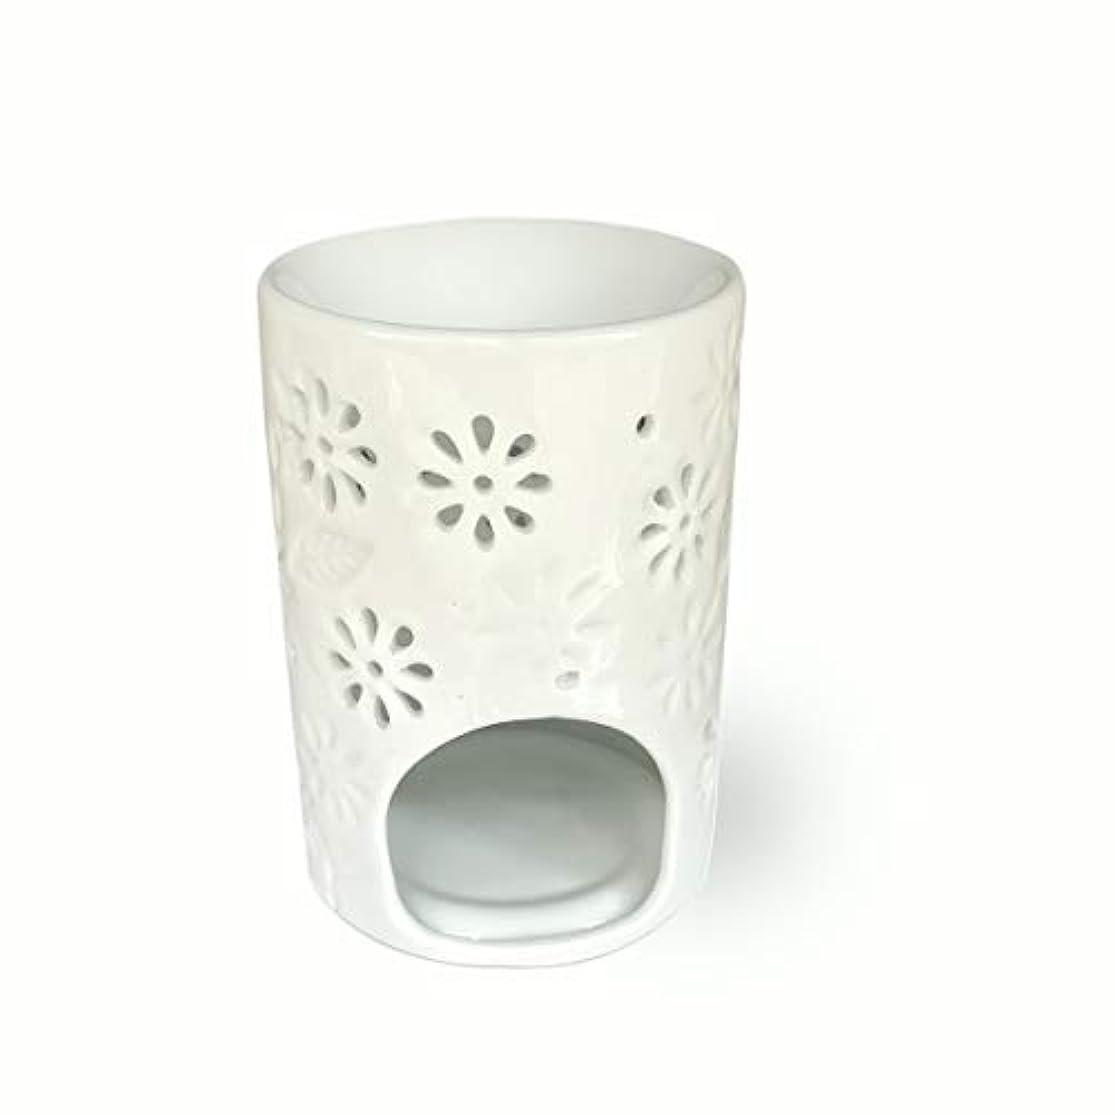 エリート爆発する数字(Vase Shaped) - ToiM Milk White Ceramic Hollowing Floral Aroma Lamp Candle Warmers Fragrance Warmer Oil Diffuser...